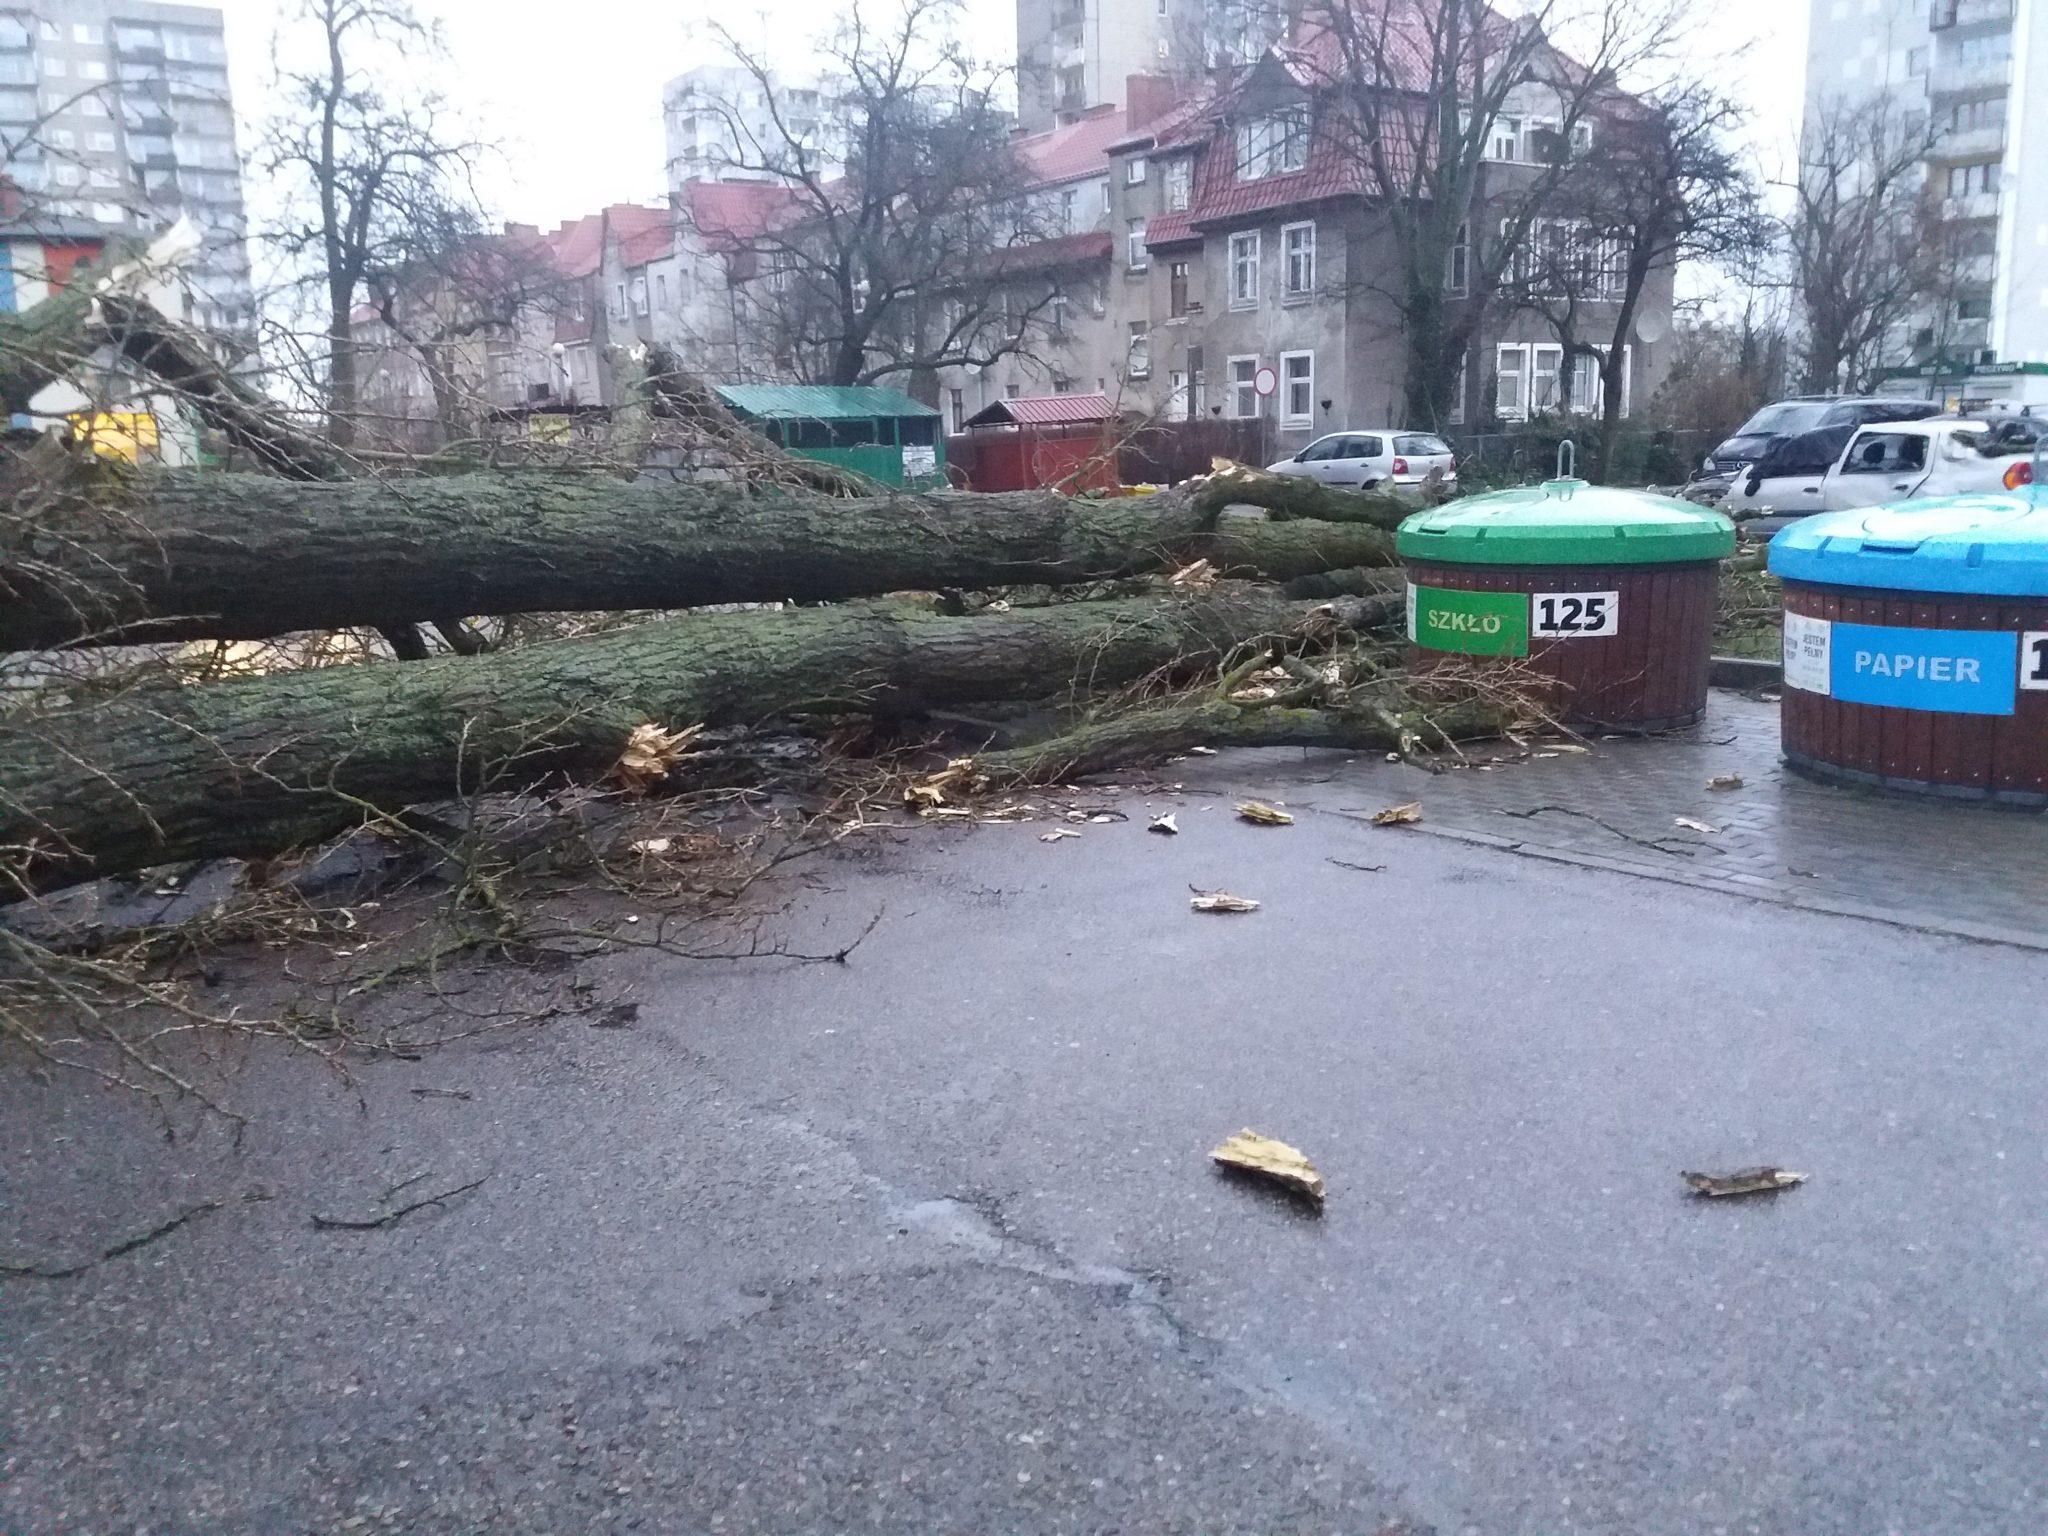 sabina5 2 - 46 interwencji Straży Pożarnej. Przy ul. Zygmuntowskiej drzewo spadło na samochody